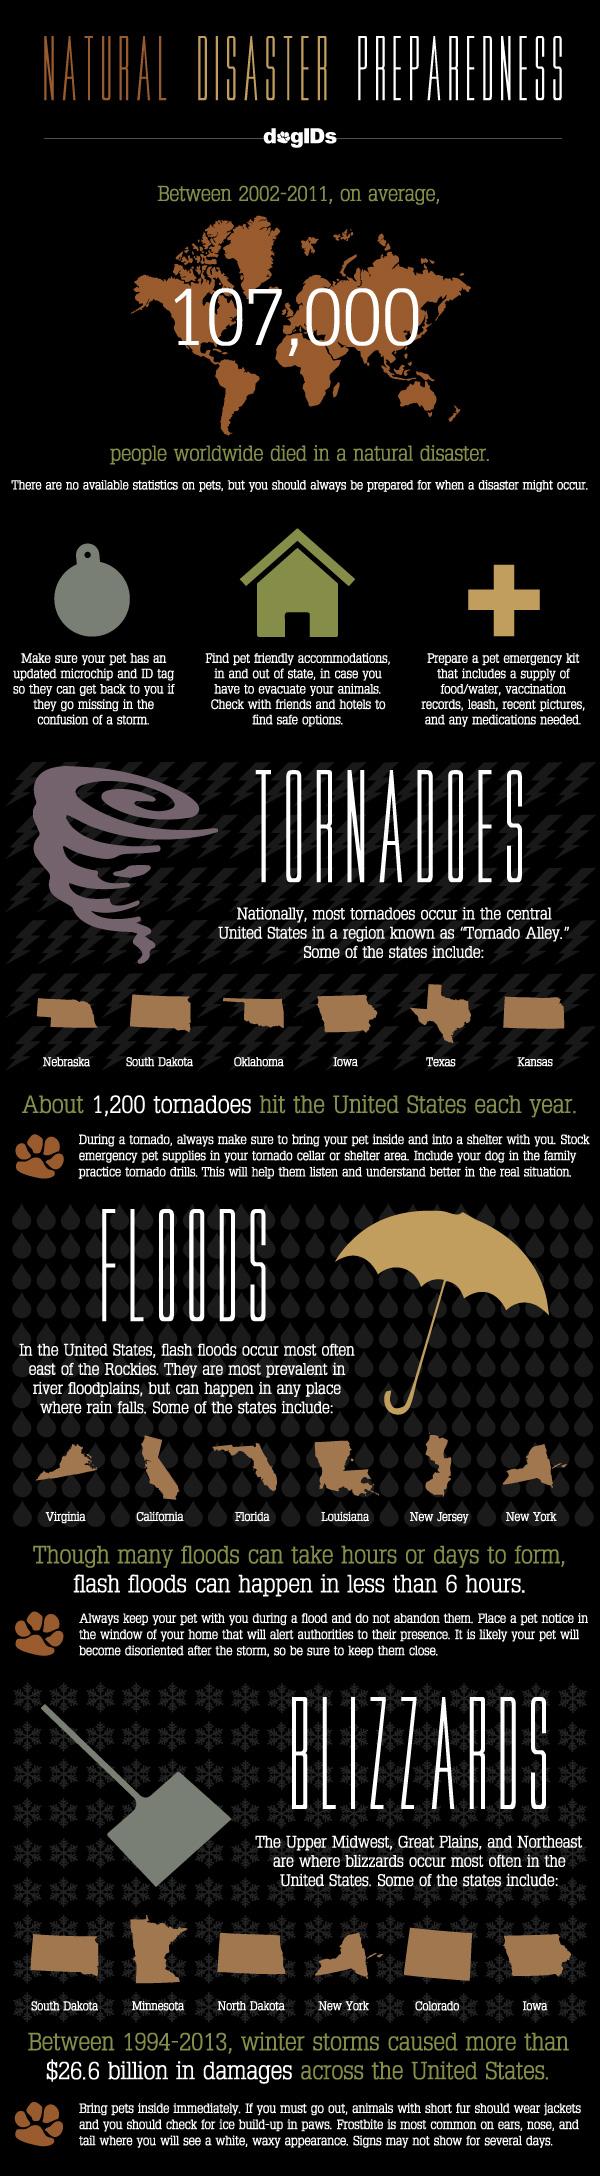 Natural-Disaster-Preparedness-Blog.jpg